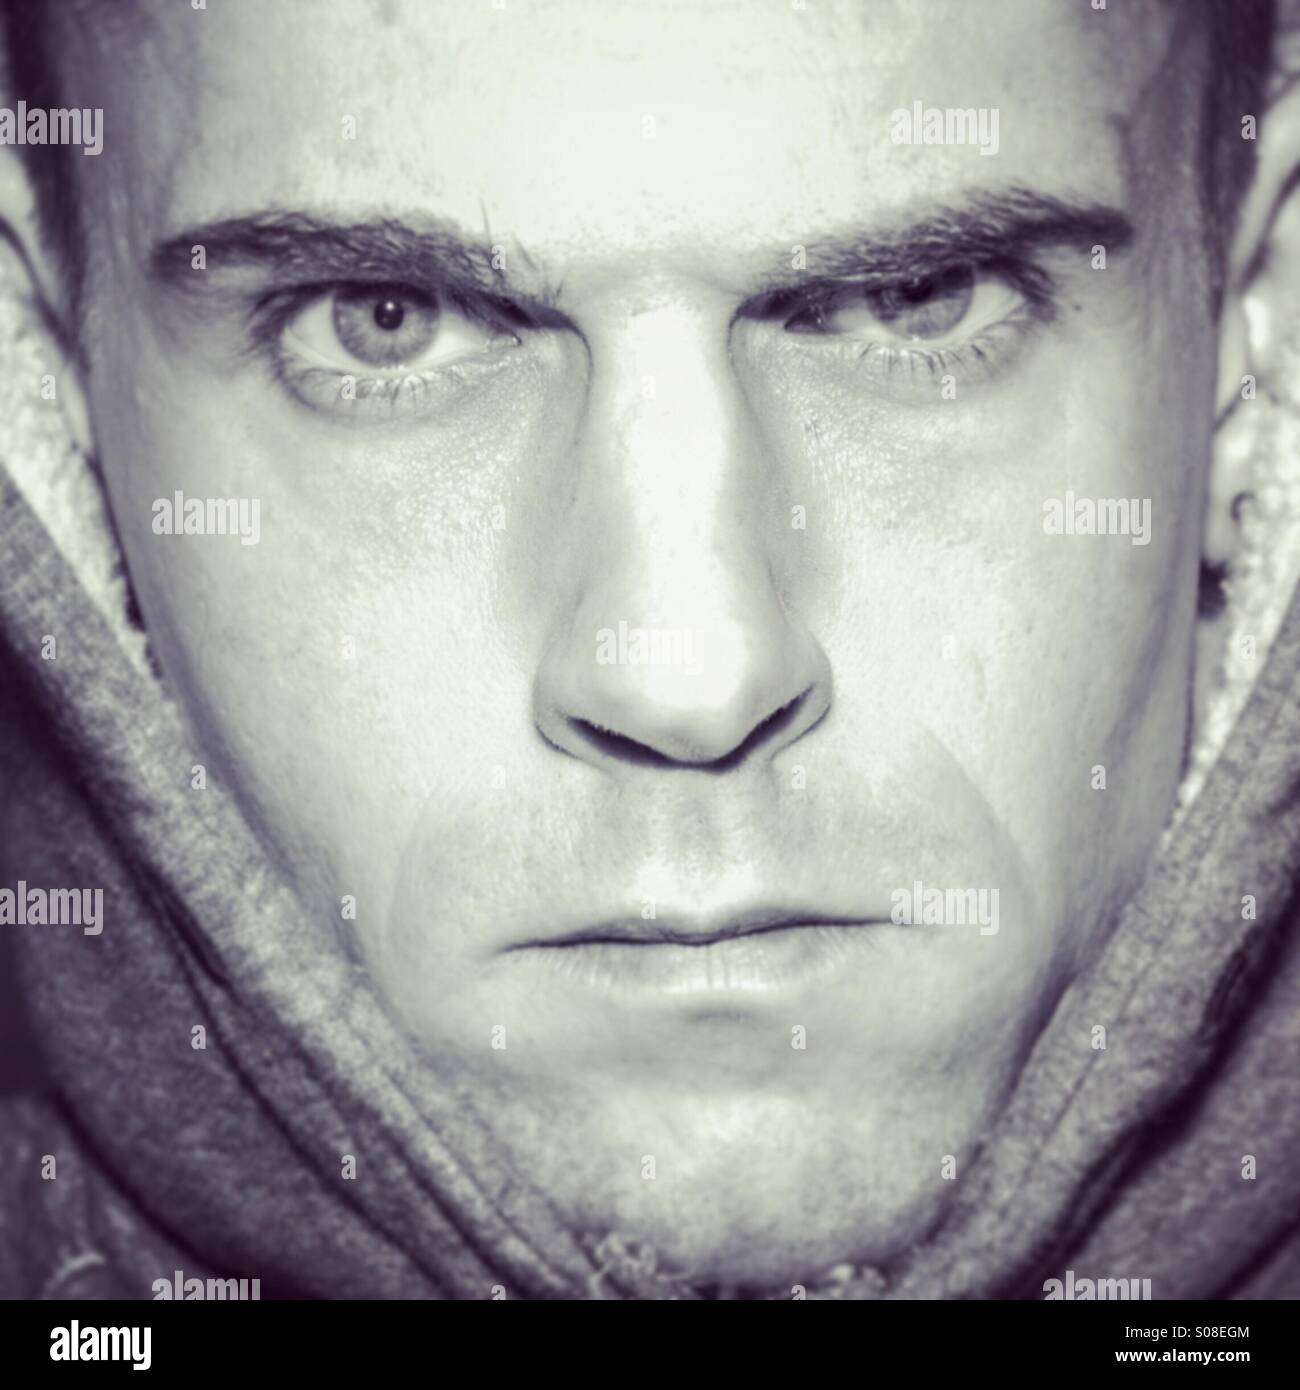 Malheureux homme moody portrait, visage en remplissant le cadre Photo Stock